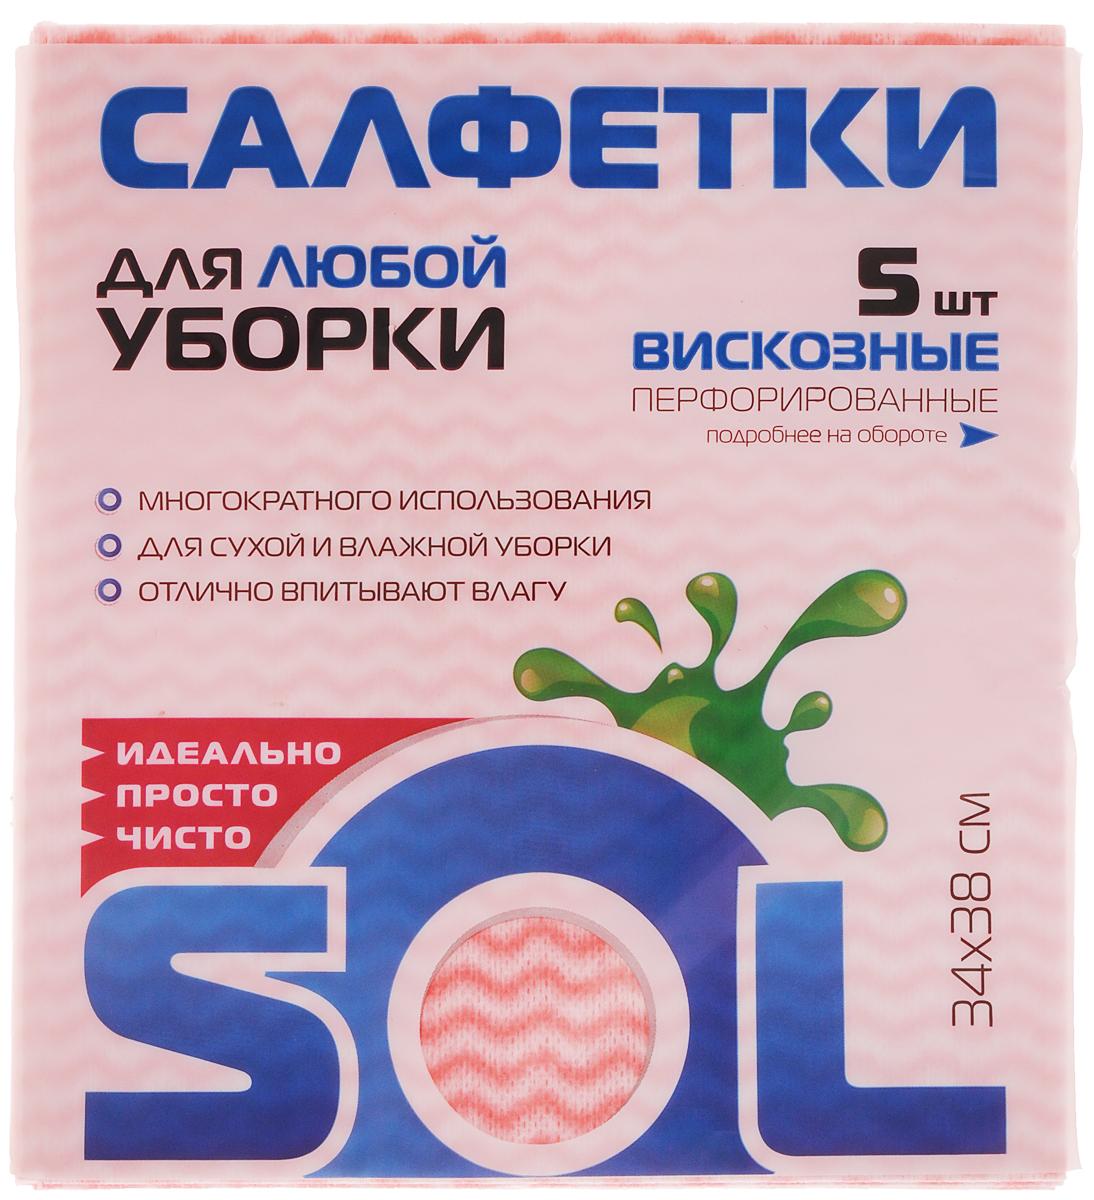 Салфетка для уборки Sol из вискозы, перфорированная, цвет: белый, розовый, 34 x 38 см, 5 шт10005/10053_розовыйПерфорированные салфетки для уборки Sol, выполненные из вискозы, предназначены для уборки и могут применяться с различными моющими средствами. Эффективно впитывают жидкость. Мягкие и прочные, легко отжимаются и быстро сохнут.Рекомендации по уходу: Для обеспечения гигиеничности уборки после применения прополоскать в теплой воде.Для продления срока службы не применять машинную стирку, не гладить и не кипятить.